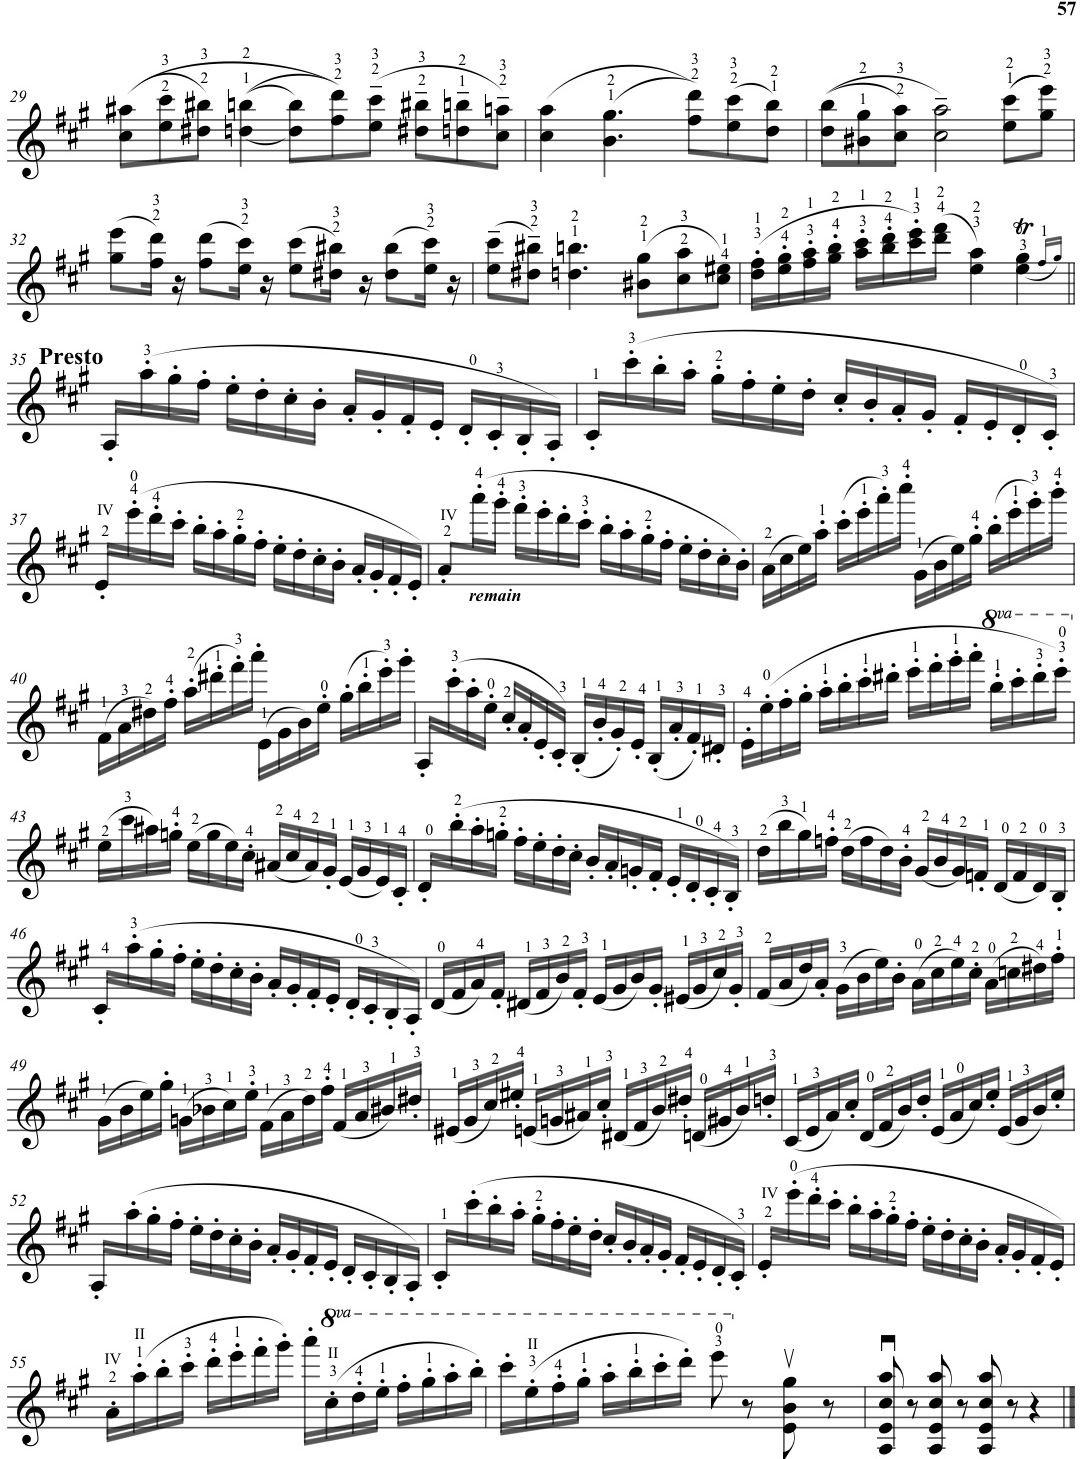 Paganini Technique Violin Book